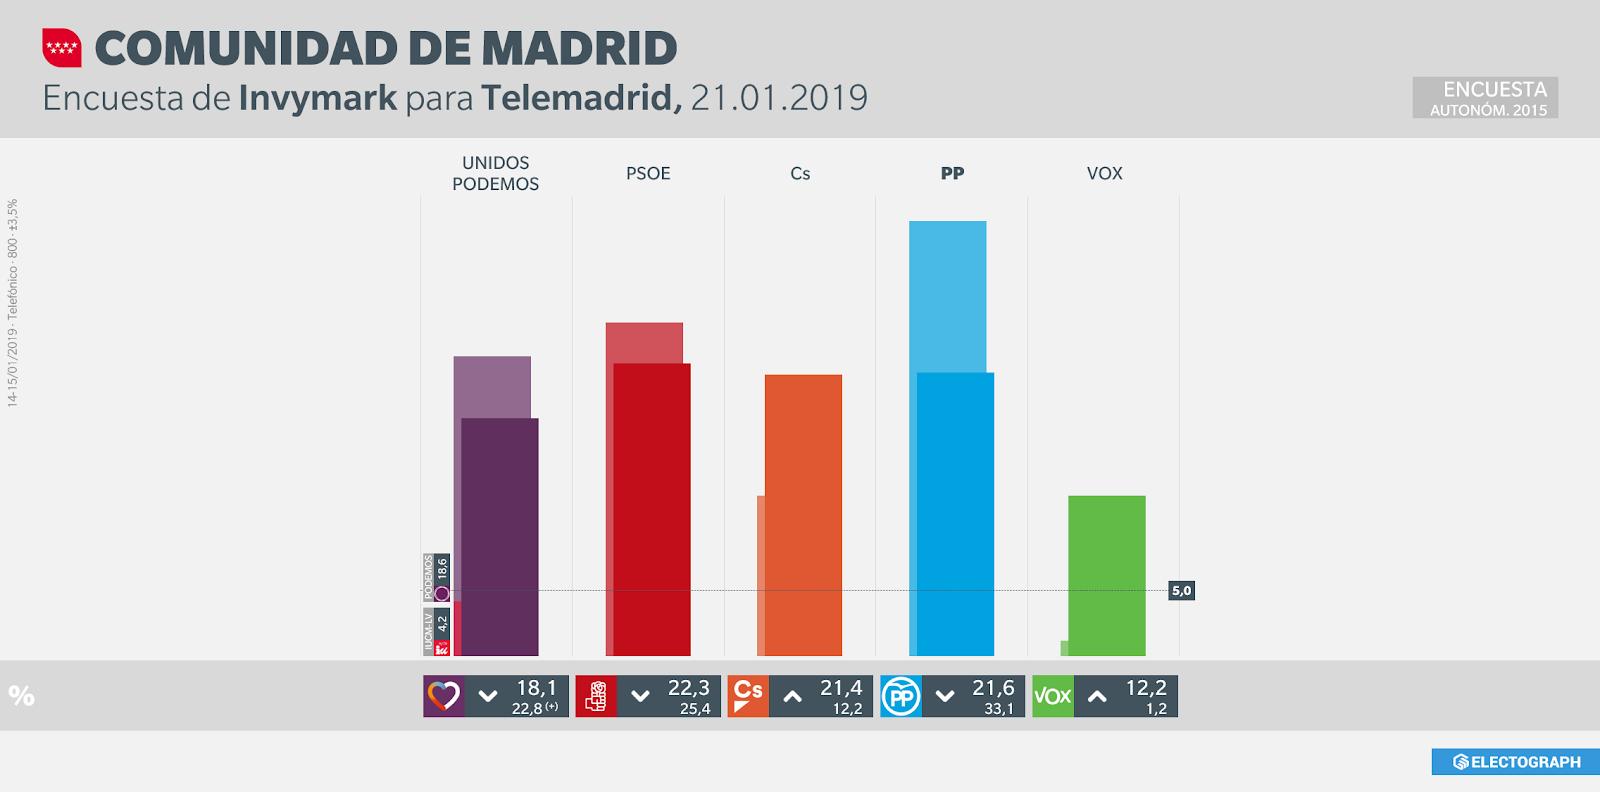 Gráfico de la encuesta para elecciones autonómicas en la Comunidad de Madrid realizada por Invymark para Telemadrid, 21 de enero de 2019